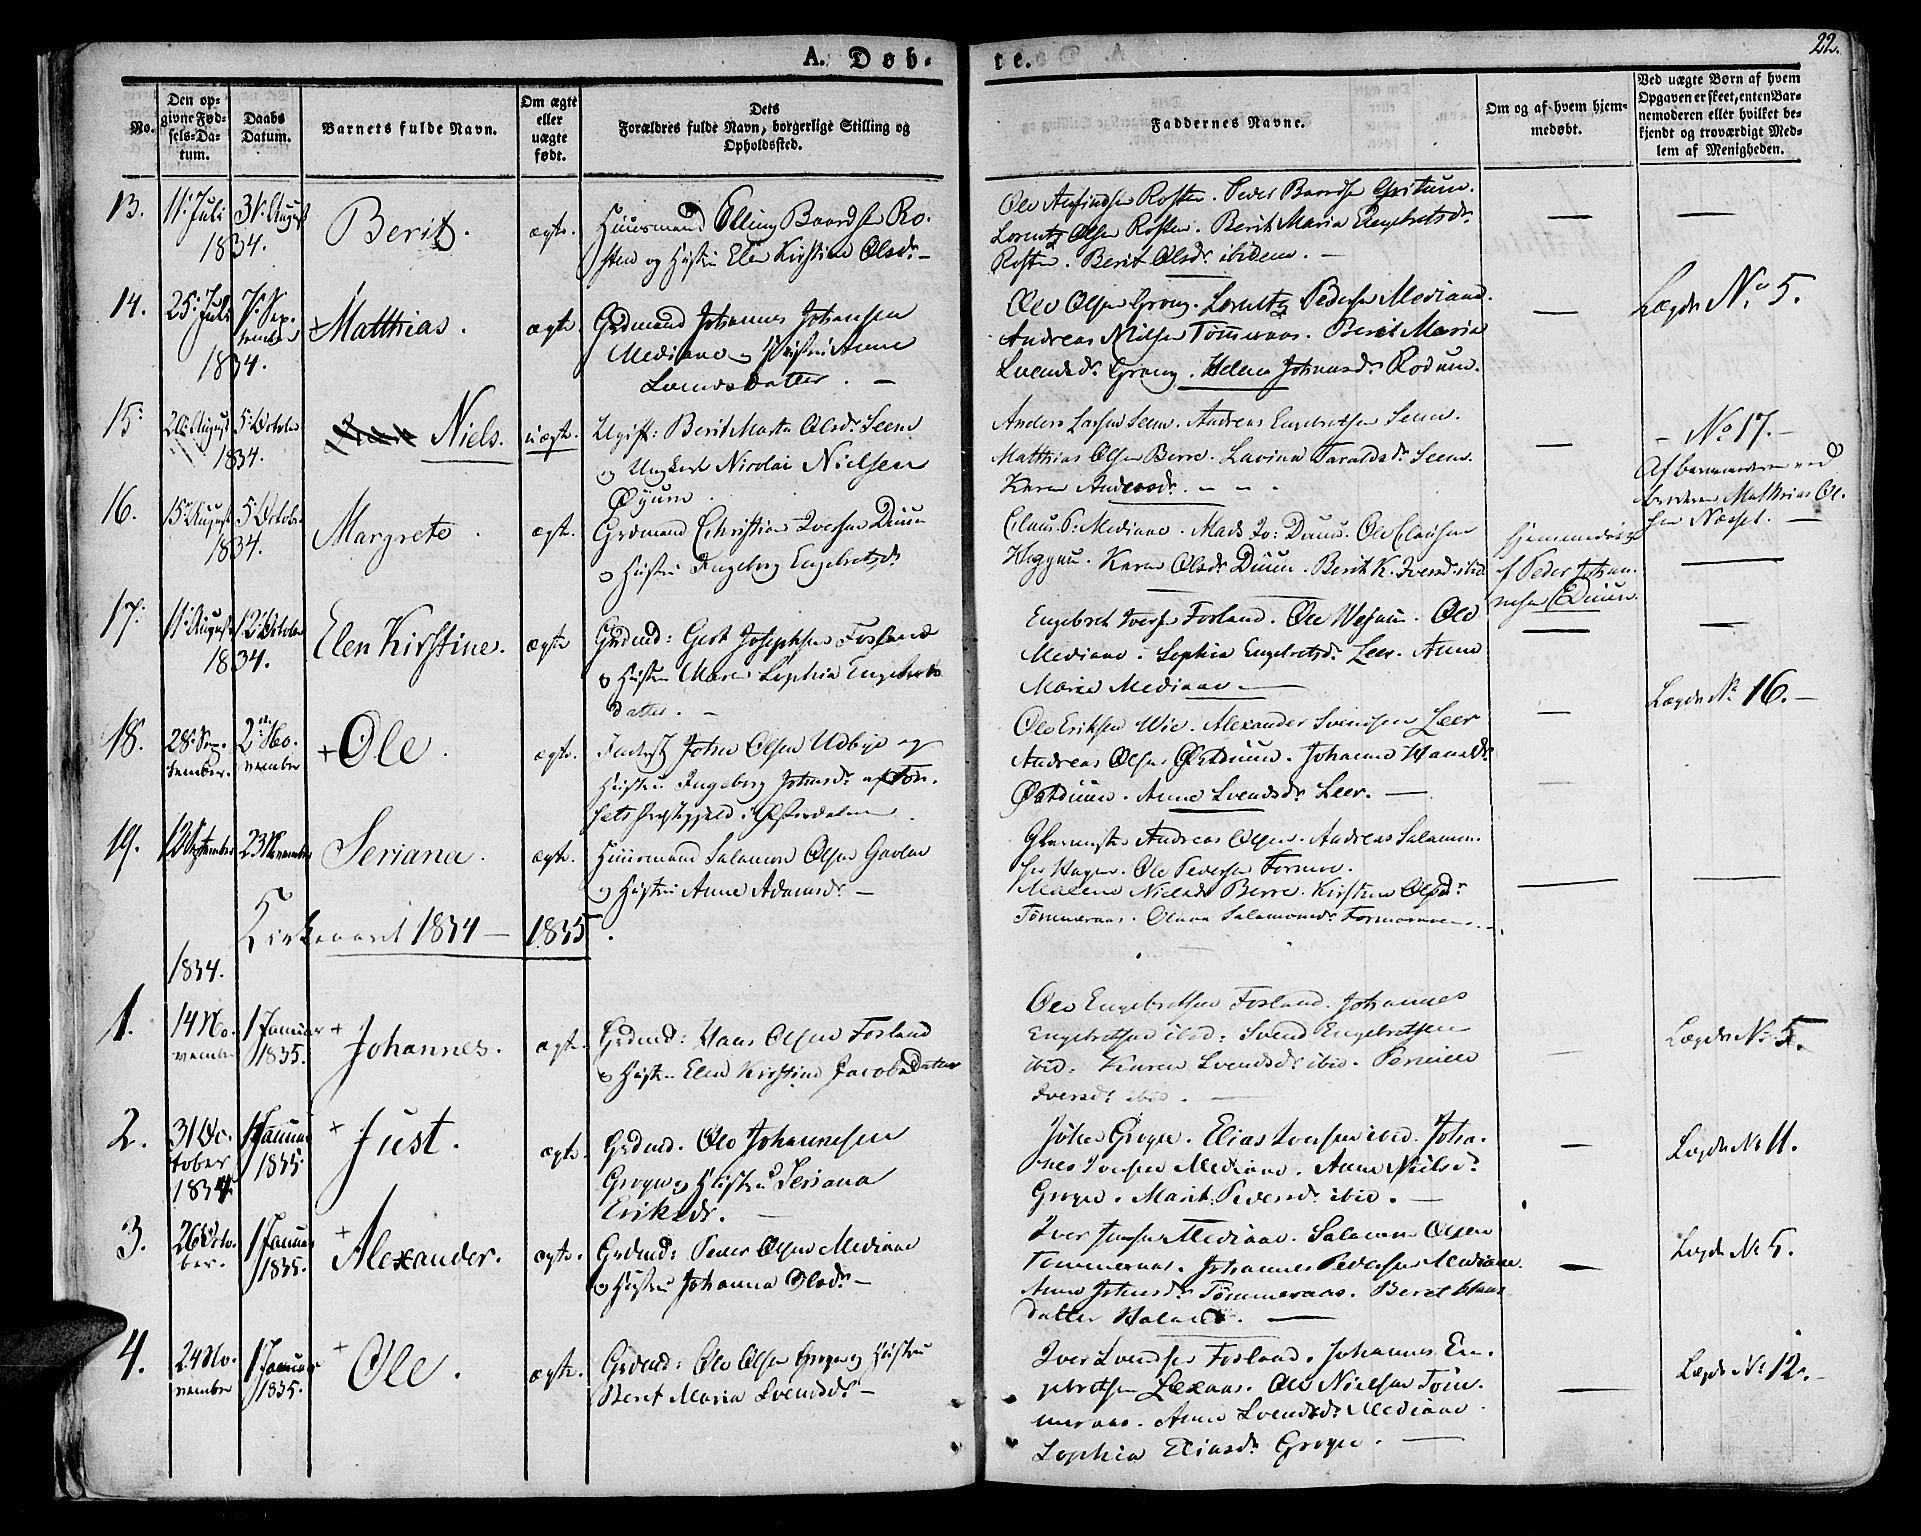 SAT, Ministerialprotokoller, klokkerbøker og fødselsregistre - Nord-Trøndelag, 758/L0510: Ministerialbok nr. 758A01 /1, 1821-1841, s. 22